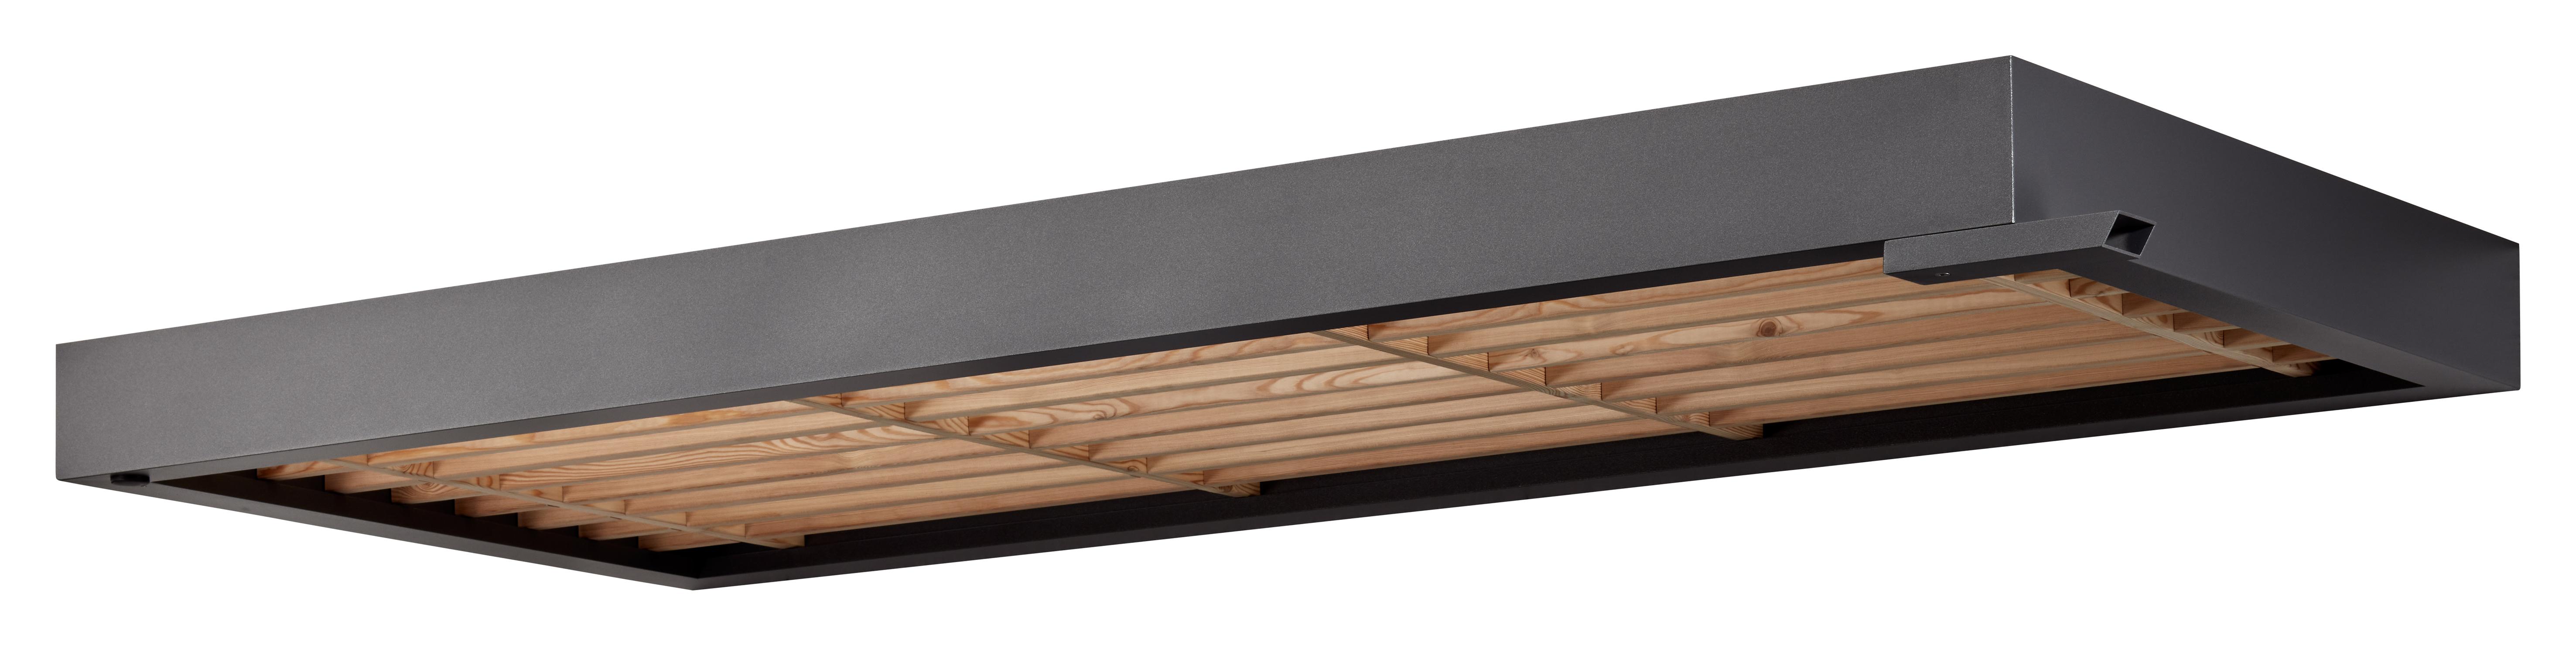 Gutta Rechteckvordach BS Timber mit Wasserspeier